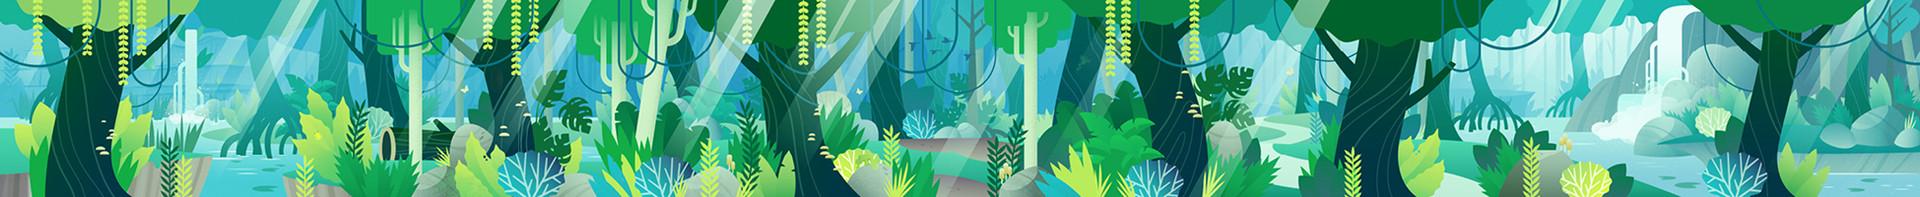 IDS Catalog Murals22.jpg